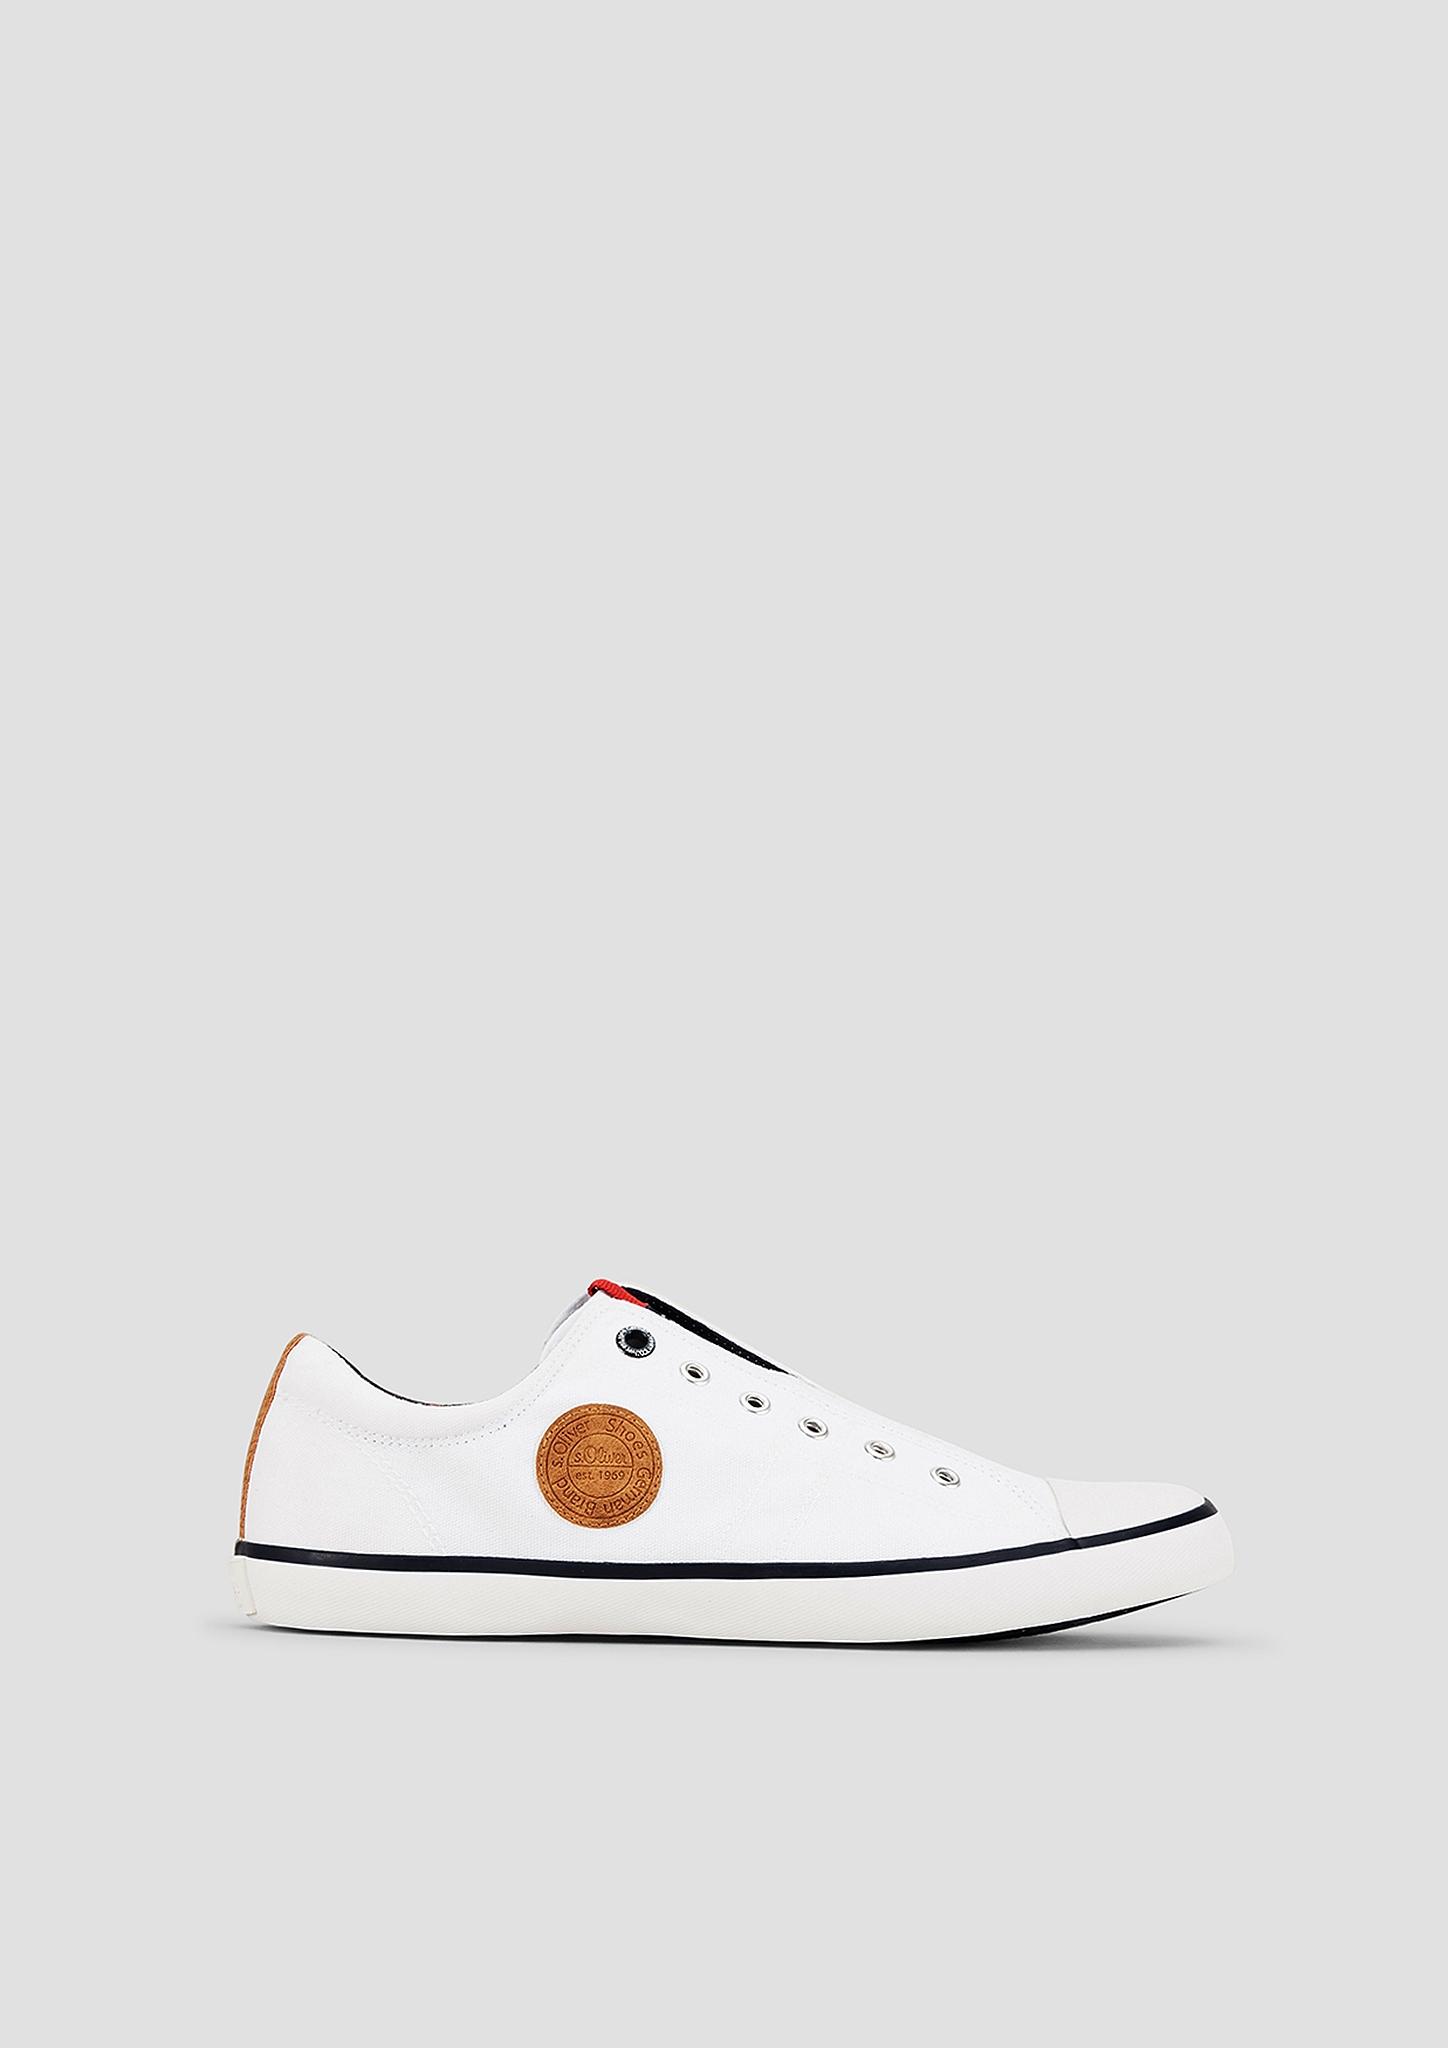 Slip-on-Sneaker | Schuhe > Sneaker | Weiß | Obermaterial und decksohle aus textil und synthetik| futter aus textil| laufsohle aus synthetik | s.Oliver